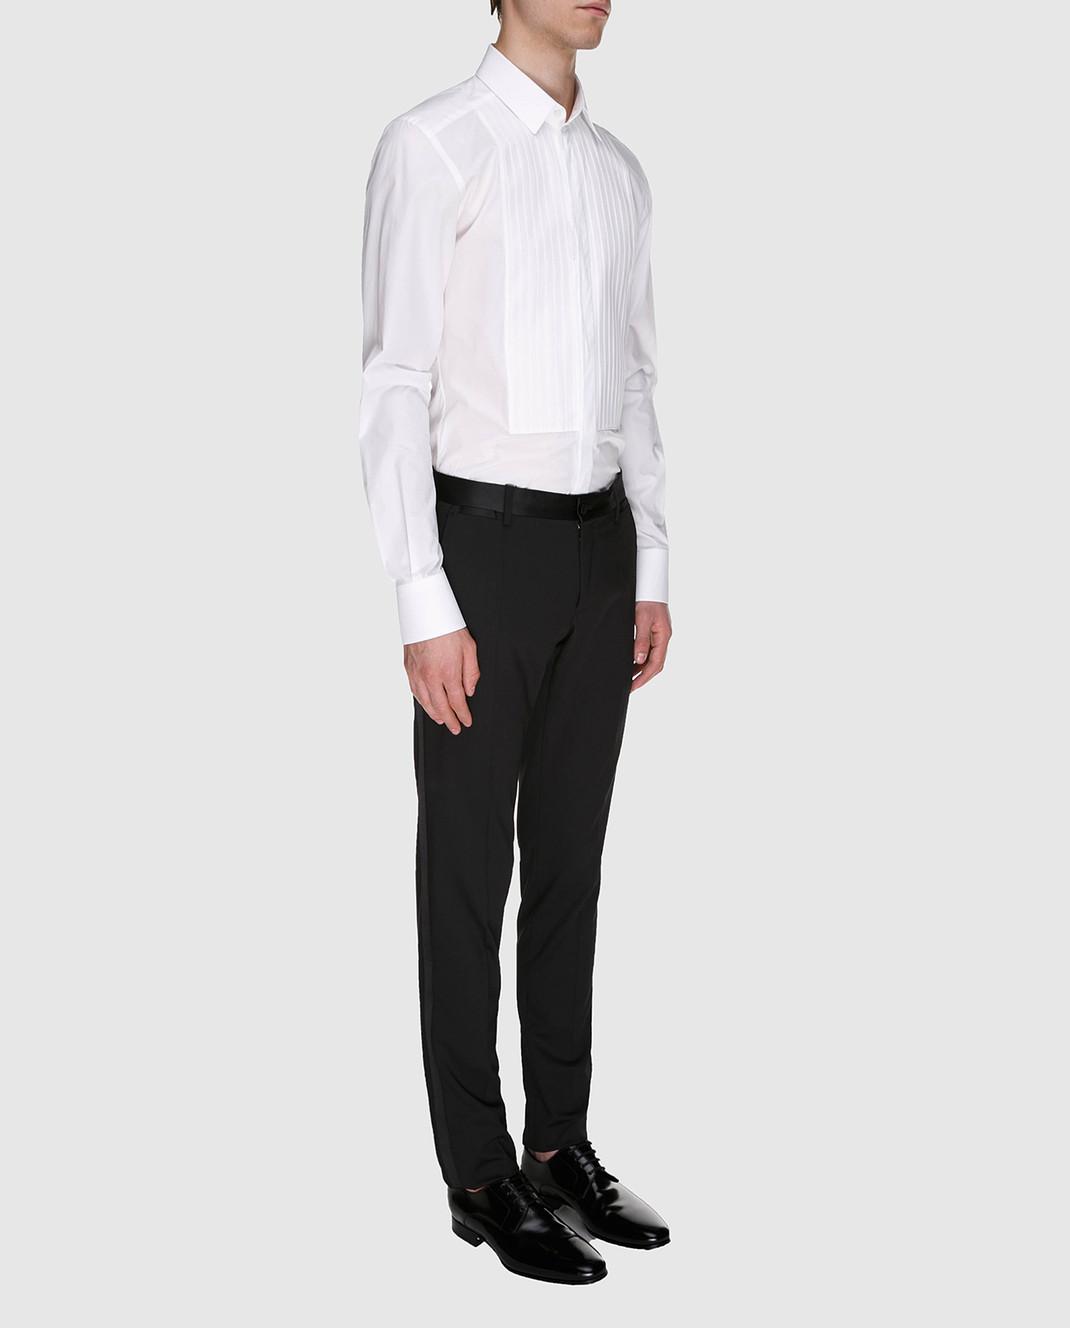 Dolce&Gabbana Белая рубашка G5FL5TGEC81 изображение 2